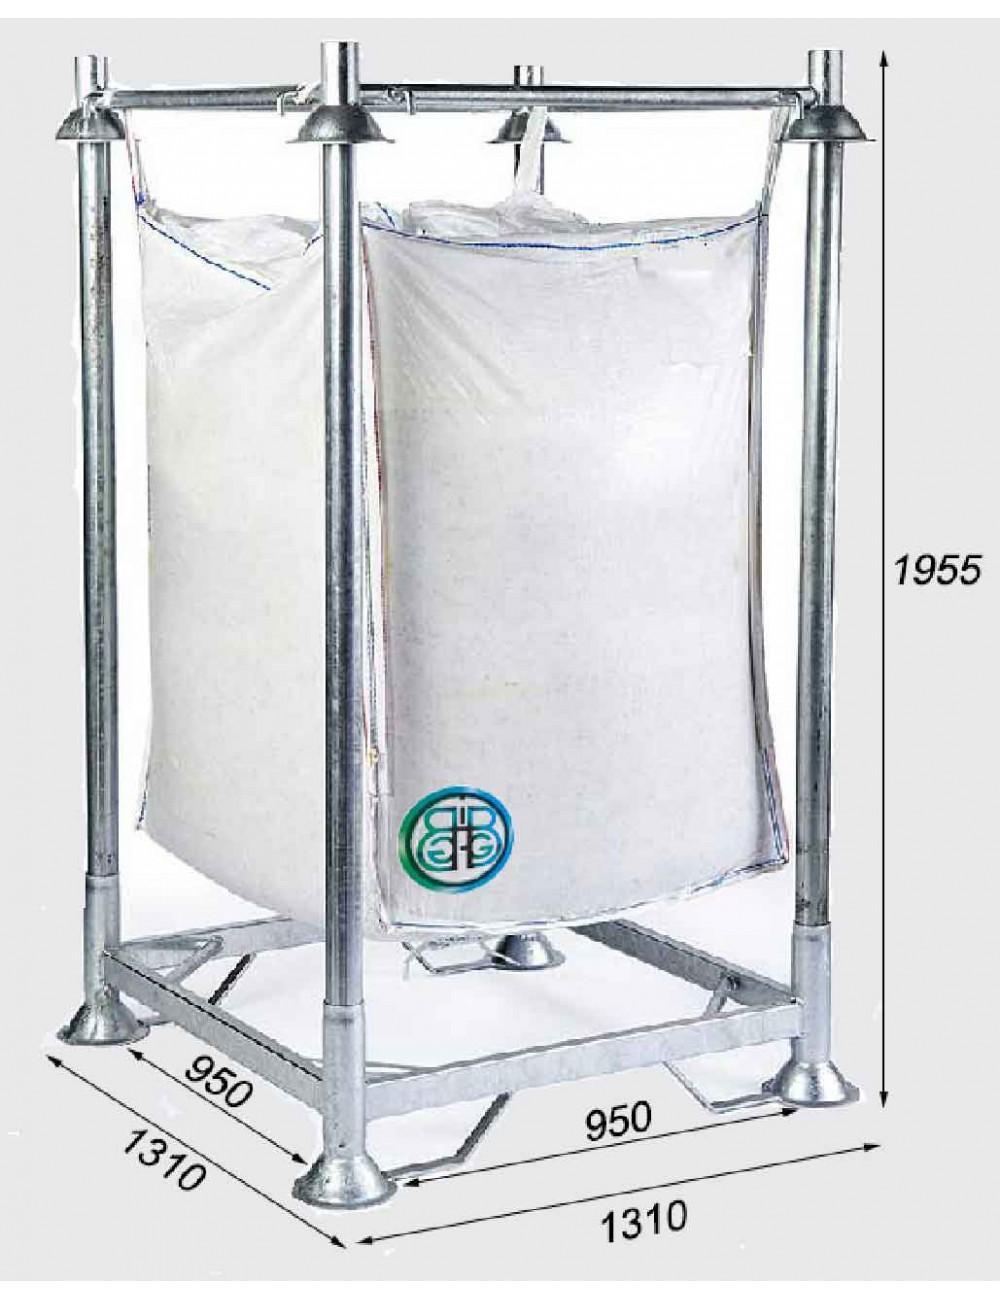 Supporto di riempimento per Big Bag base Chiusa altezza 195,5 cm